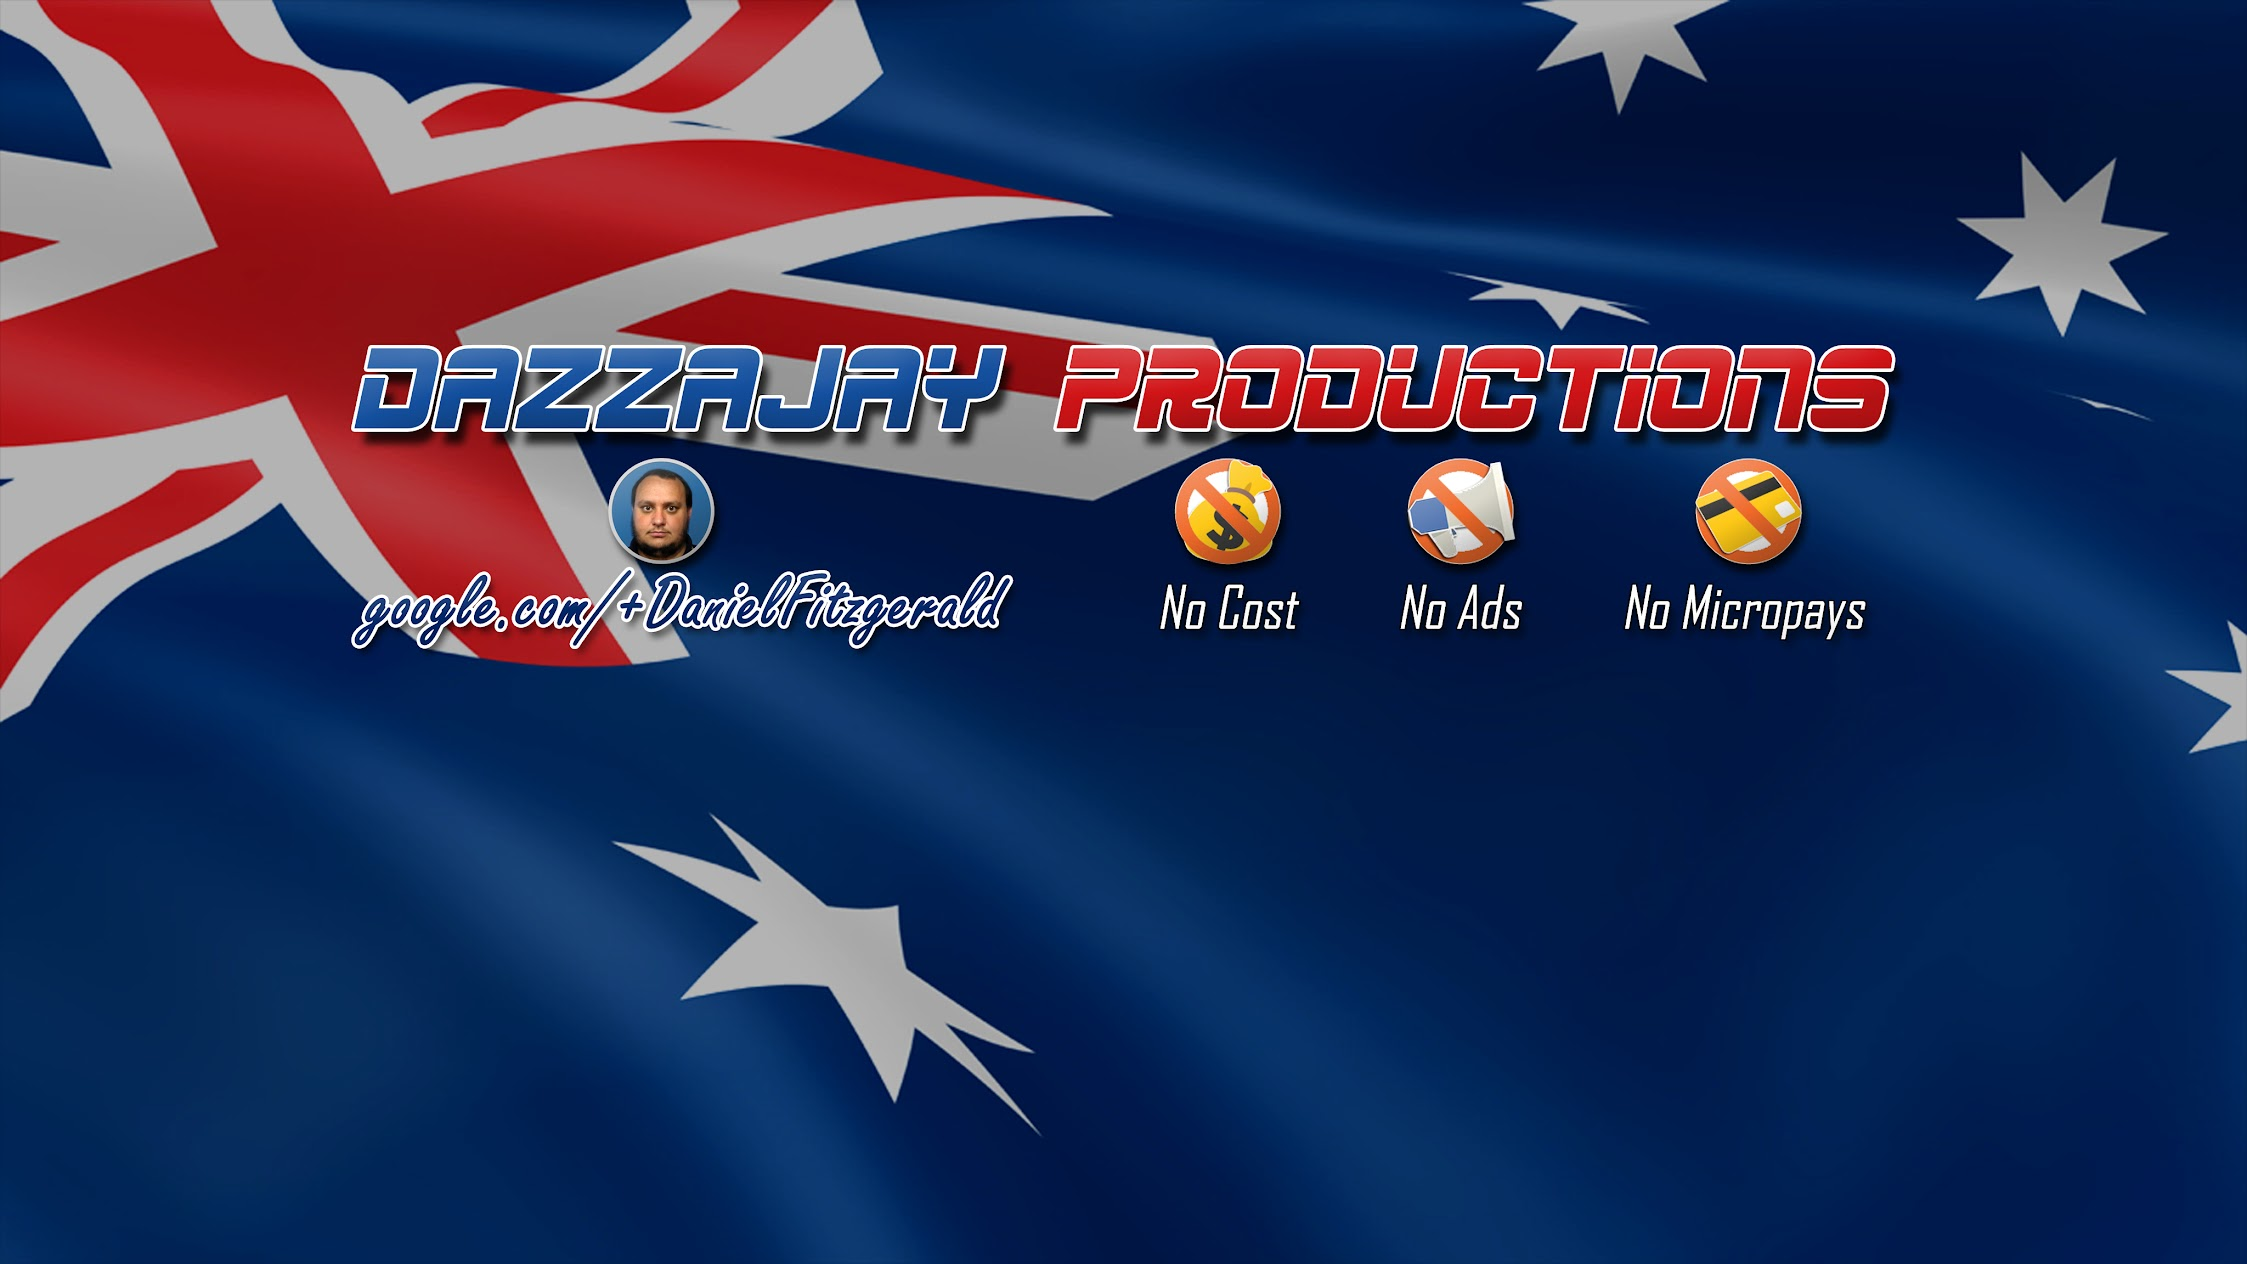 DazzaJay Productions